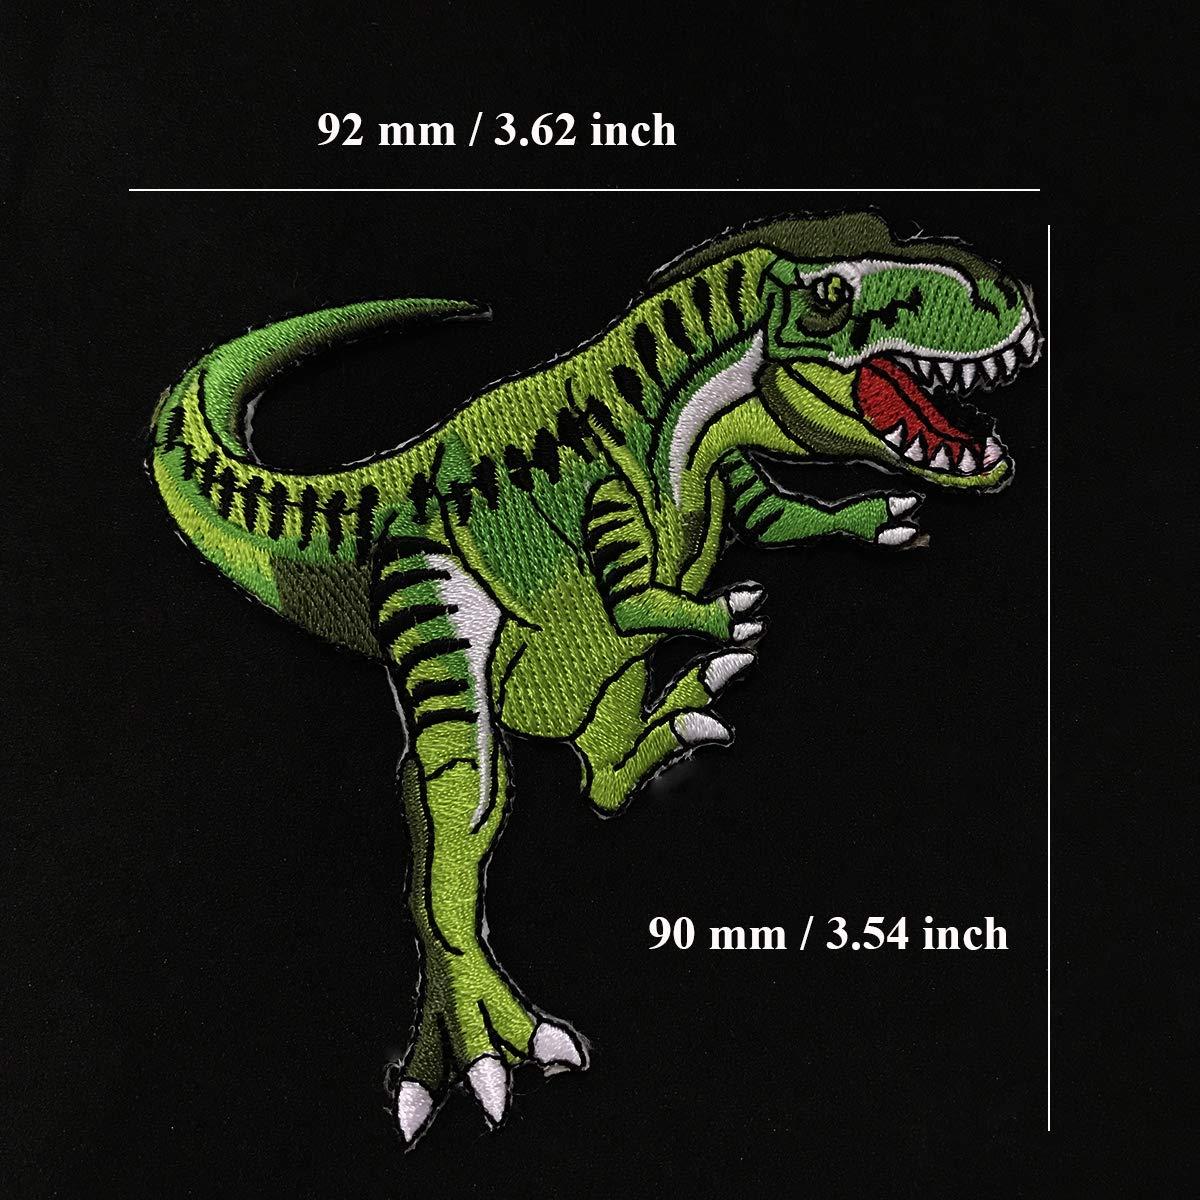 Ni/ños Ni/ños Juland 6 PCS Parches de dinosaurio bordados Autoadhesivo Mochilas personalizadas bordadas para Hombres Mujeres Ni/ñas